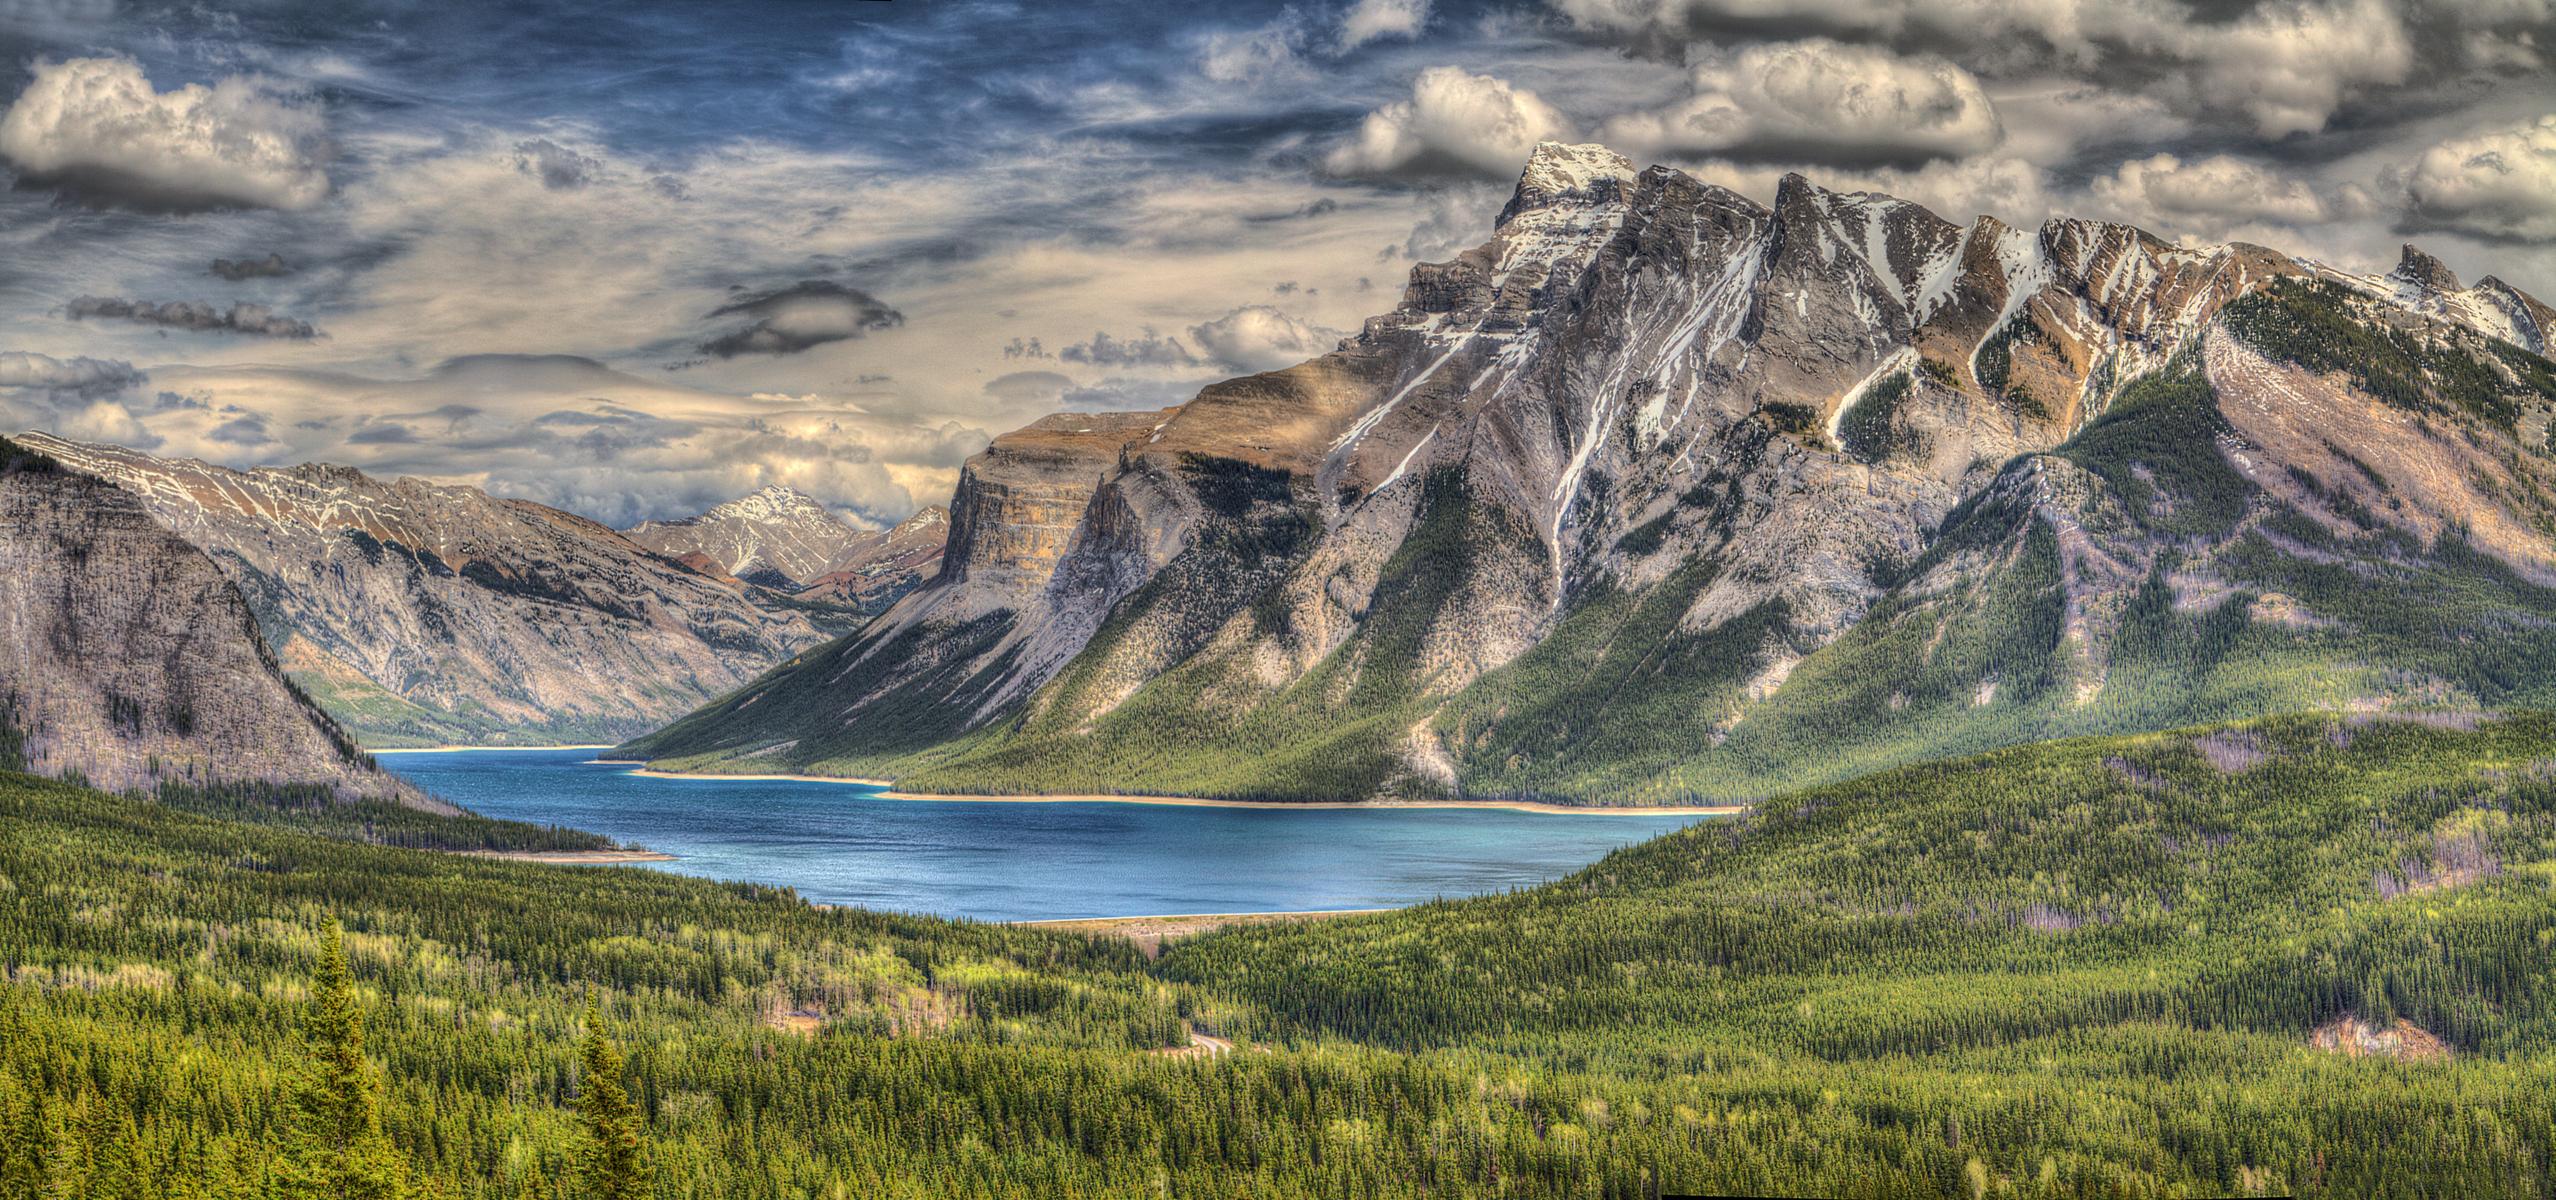 Озеро у подножья гор бесплатно